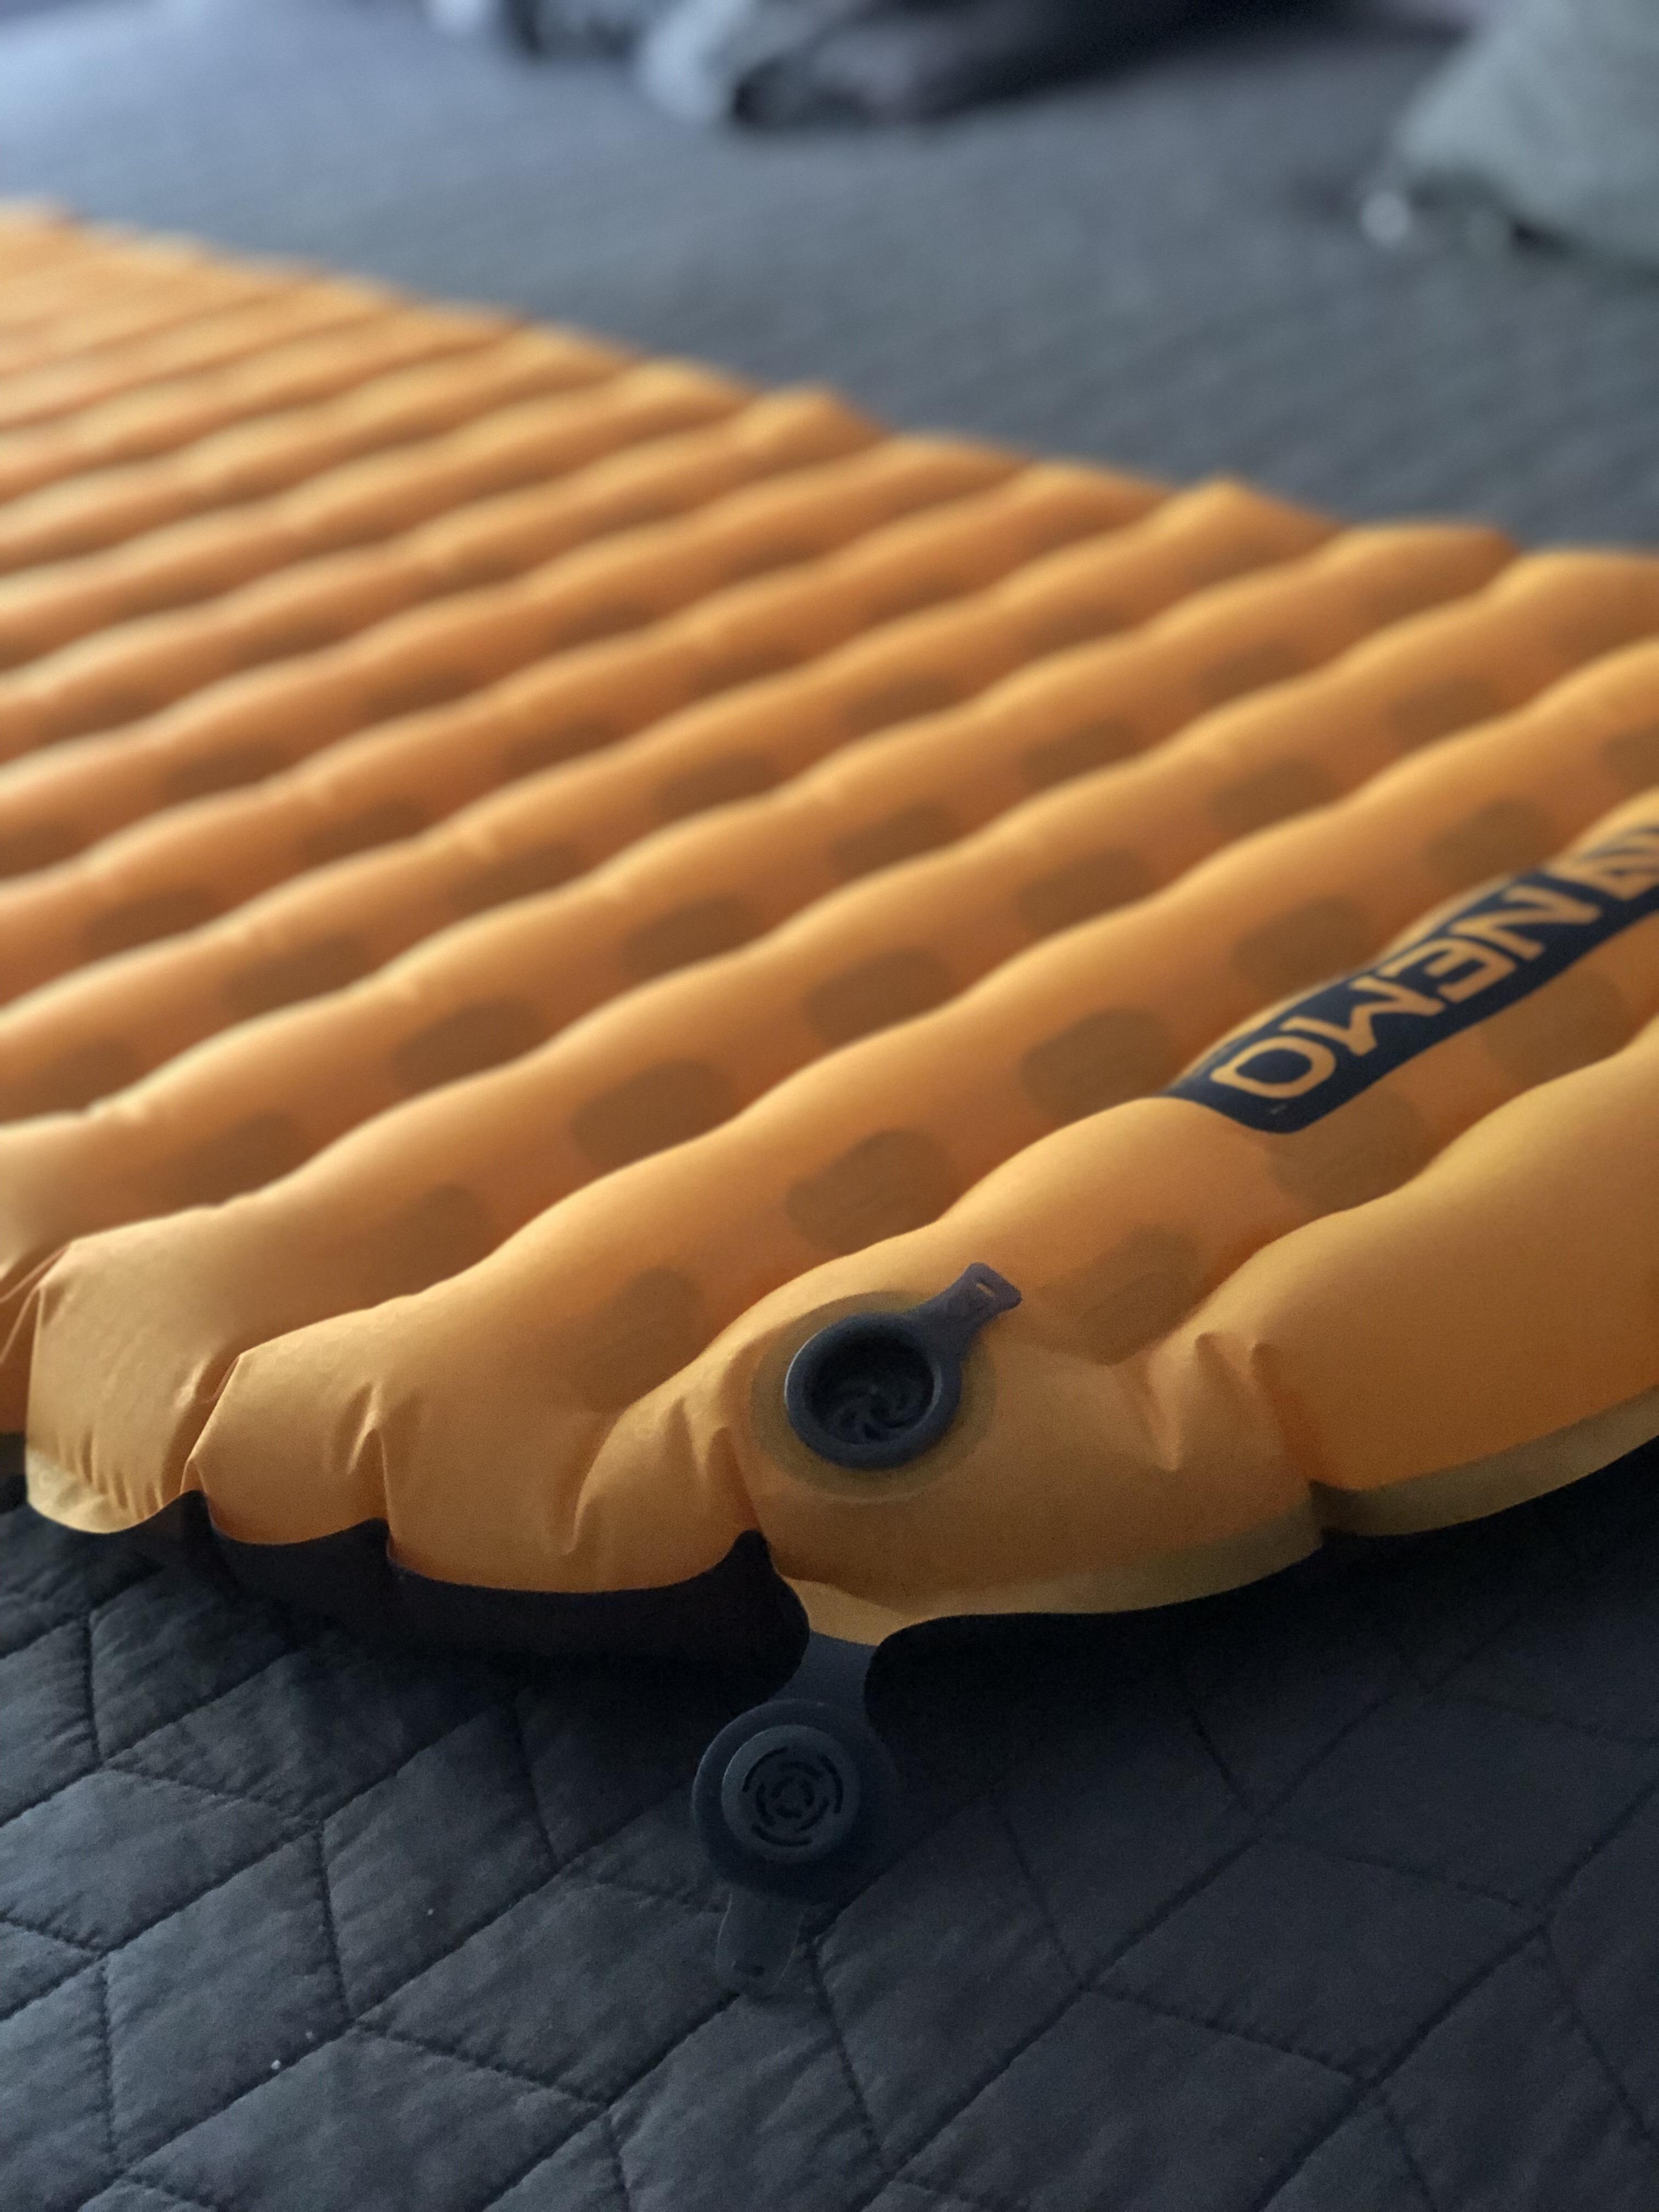 best website d954d b2676 Gear Review: NEMO Tensor Insulated Sleeping Pad - The Trek